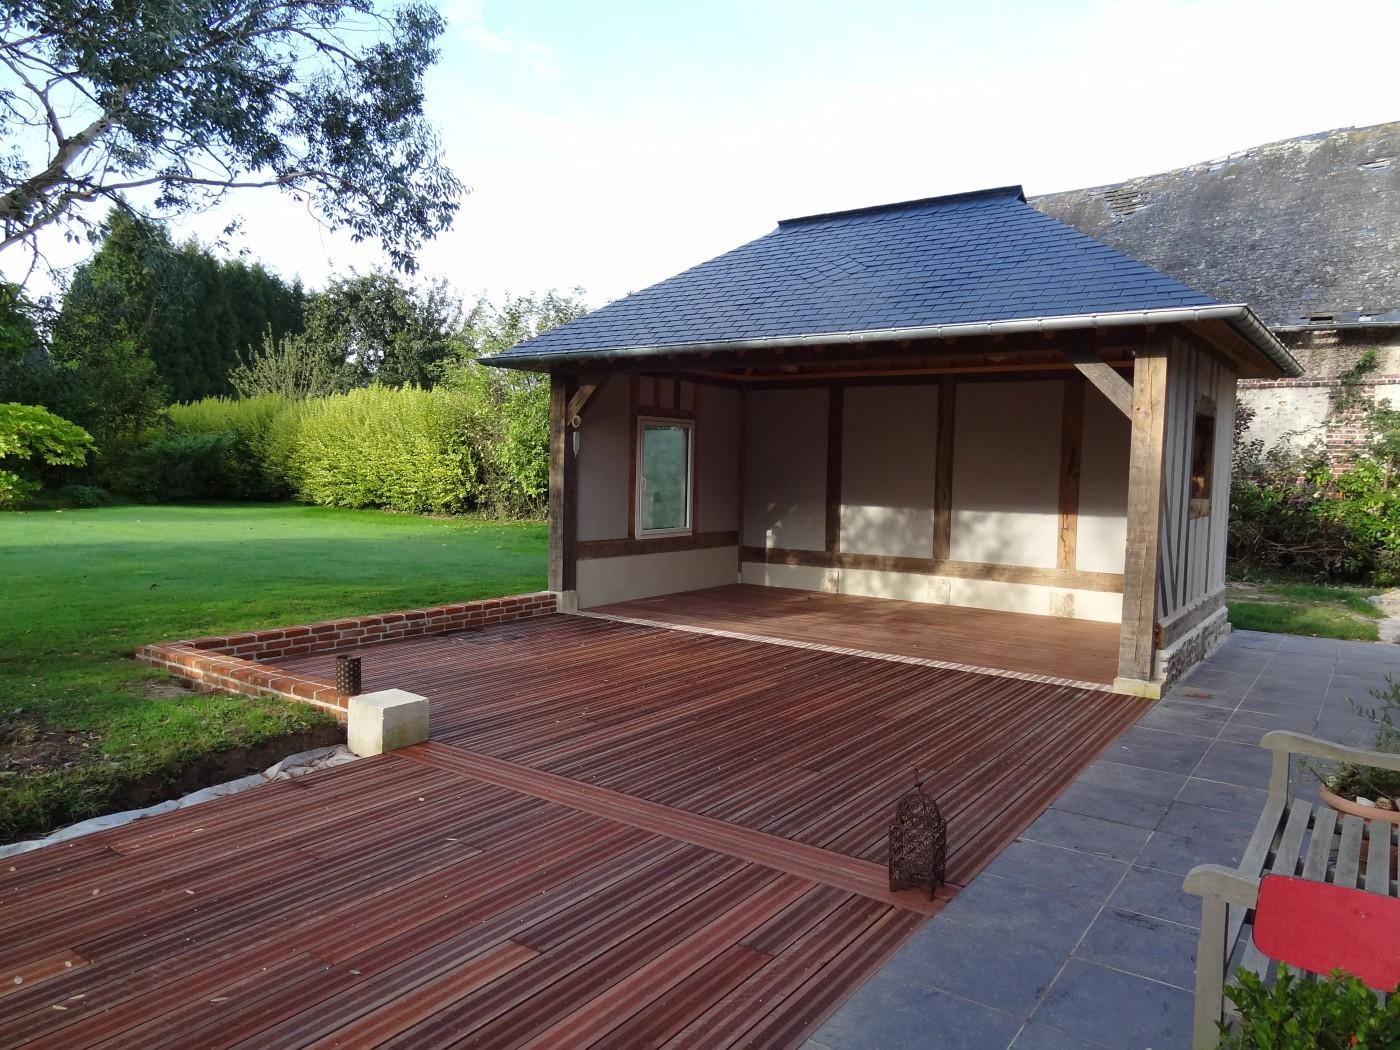 Devant le petit bâtiment normand à colombages qui accueillera la table de ping pong, une terrasse en bois exotique